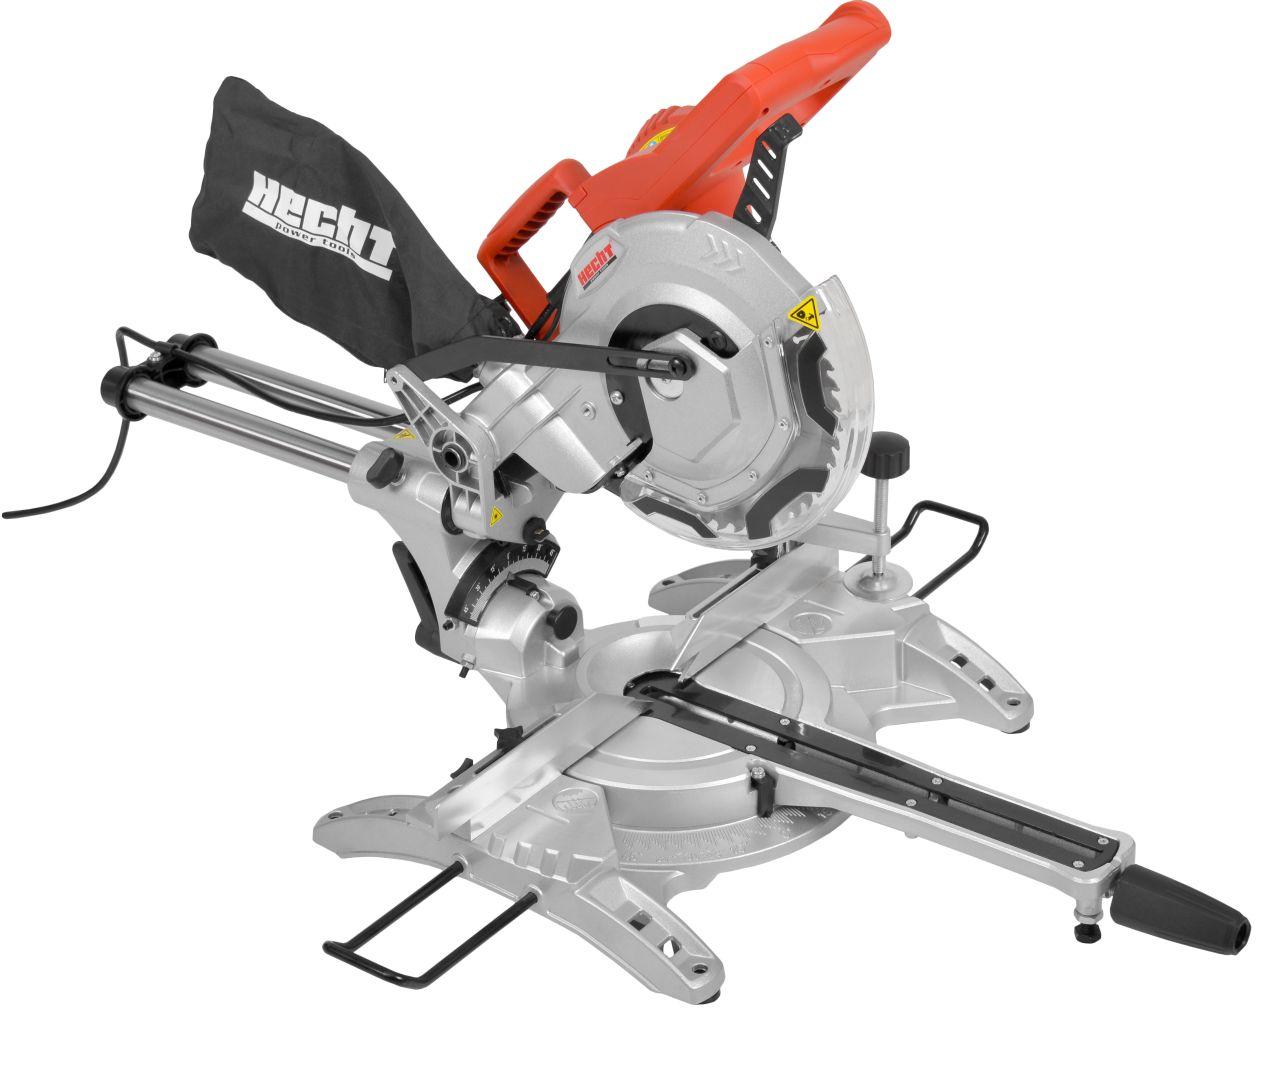 HECHT 818 - pokosová pila s laserem